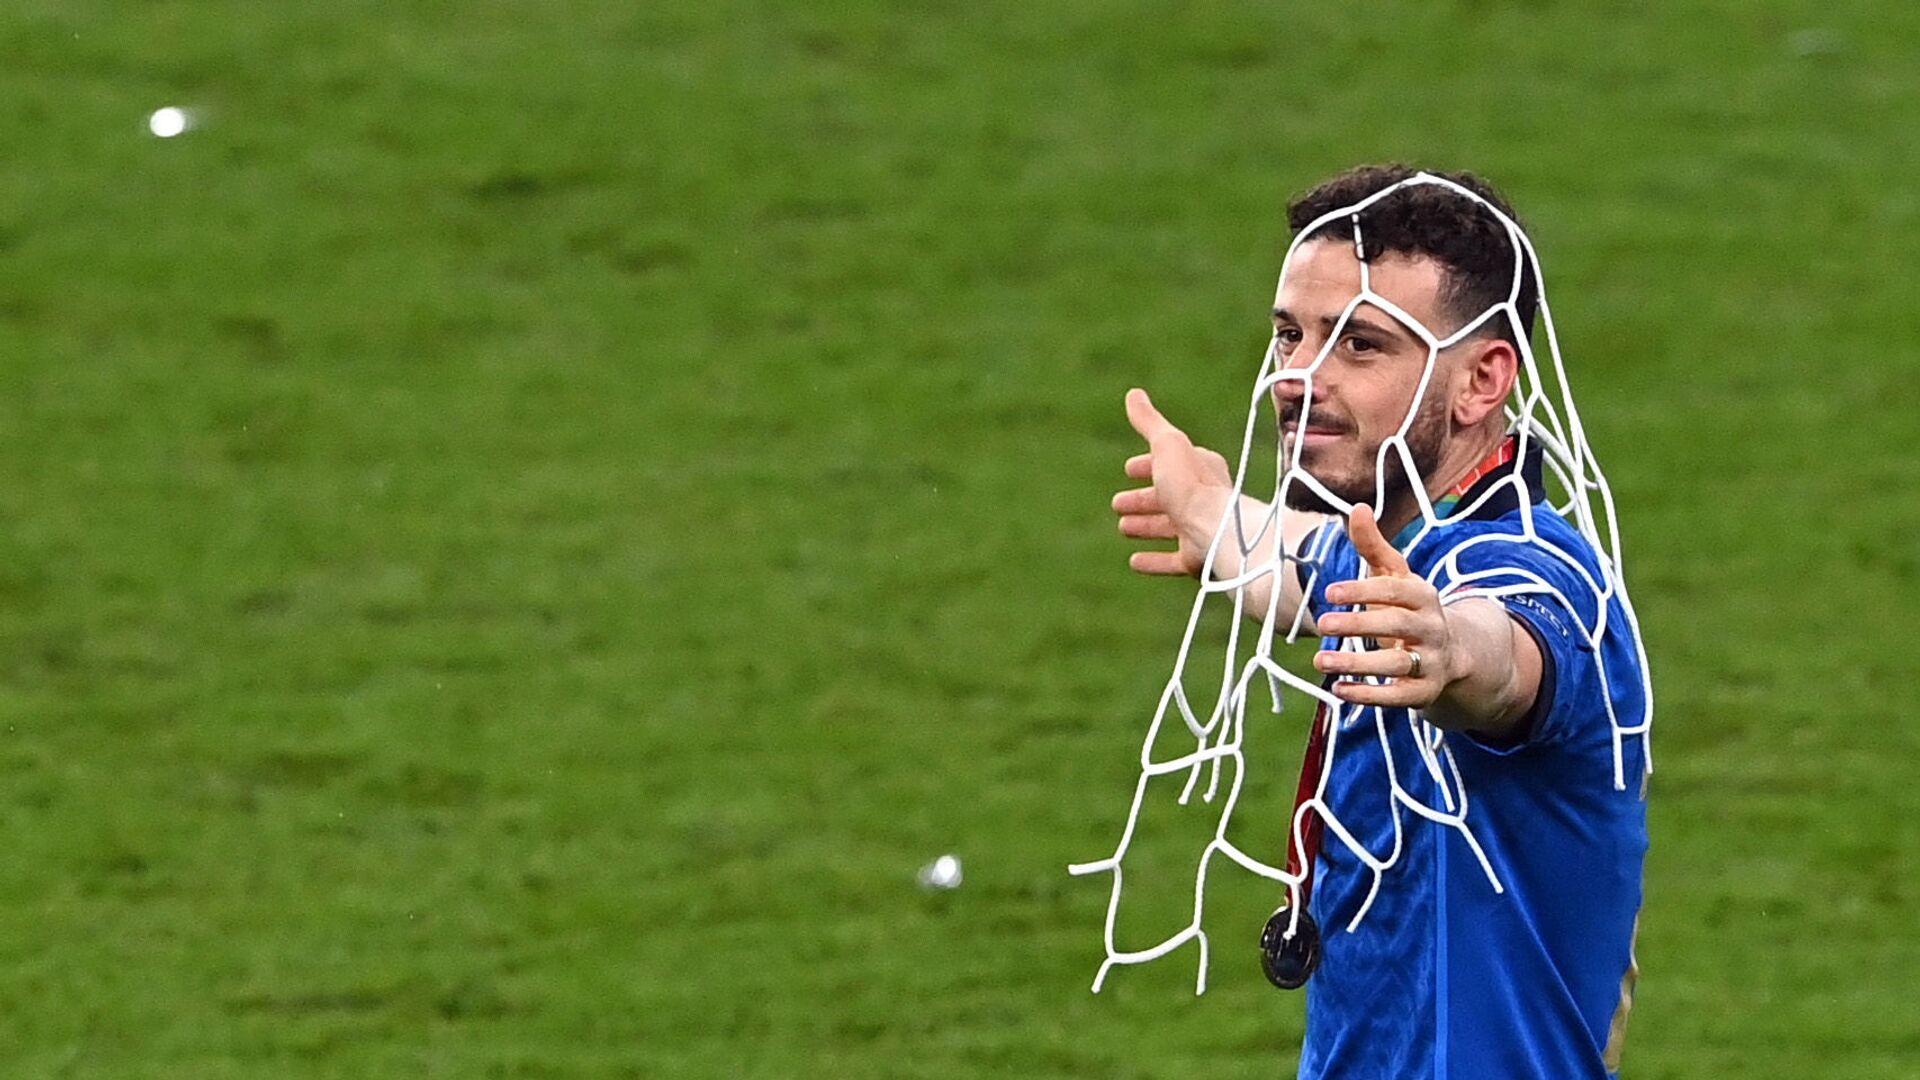 Игрок сборной Италии Алессандро Флоренци после победы команды на Евро-2020 - Sputnik Italia, 1920, 15.07.2021